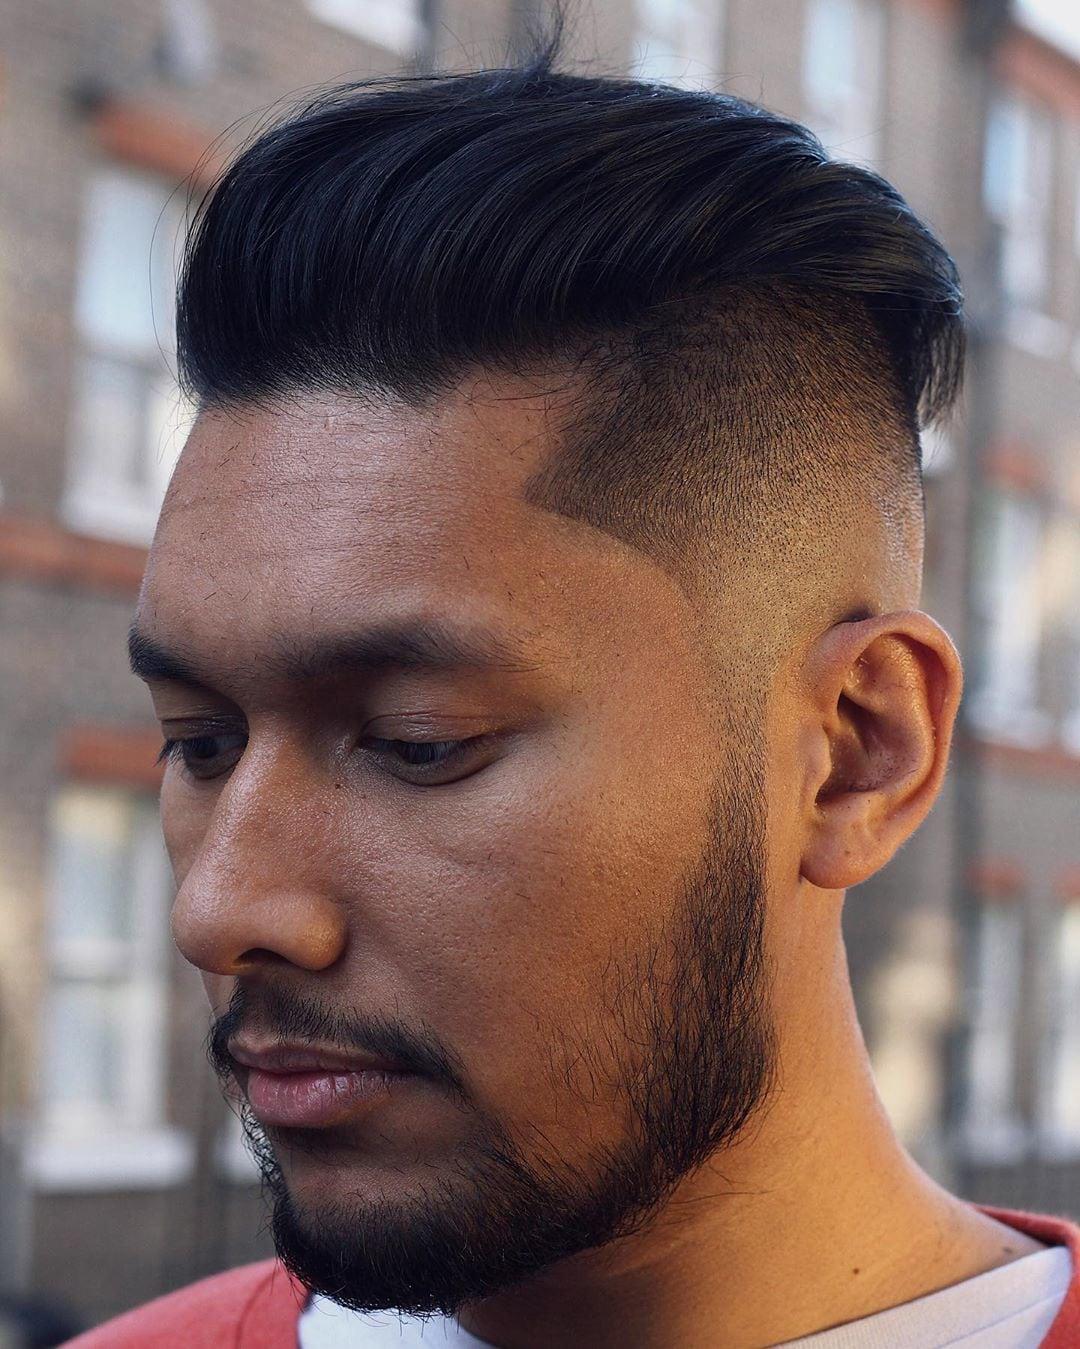 Model Potongan Rambut Pria Undercut Pendek - gaya foto